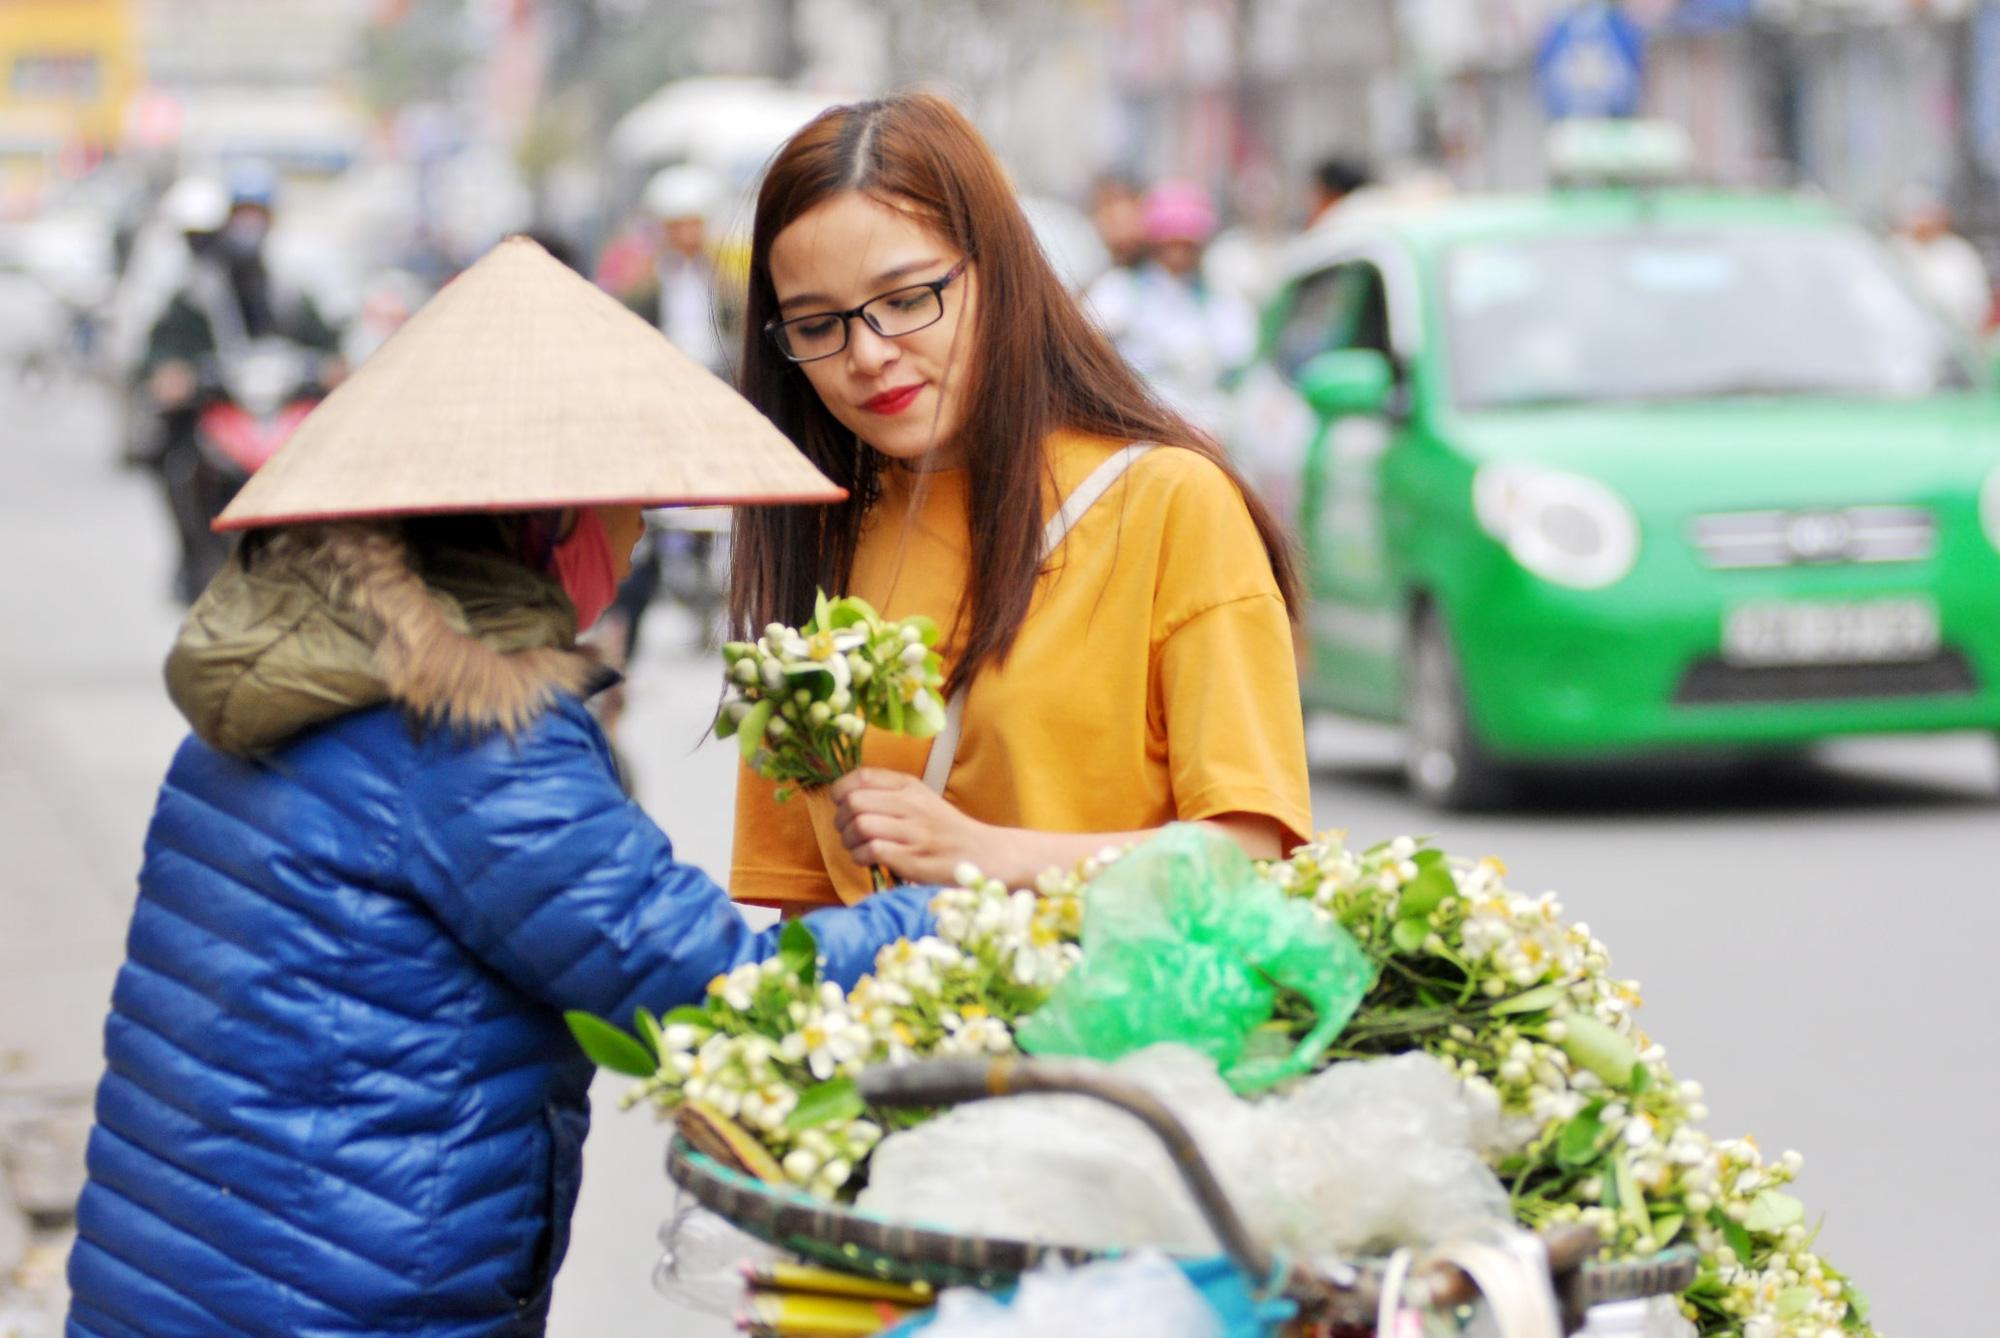 Đầu mùa gánh hoa bưởi xuống phố, giá hơn 300.000 đồng/kg vẫn đắt khách - Ảnh 4.